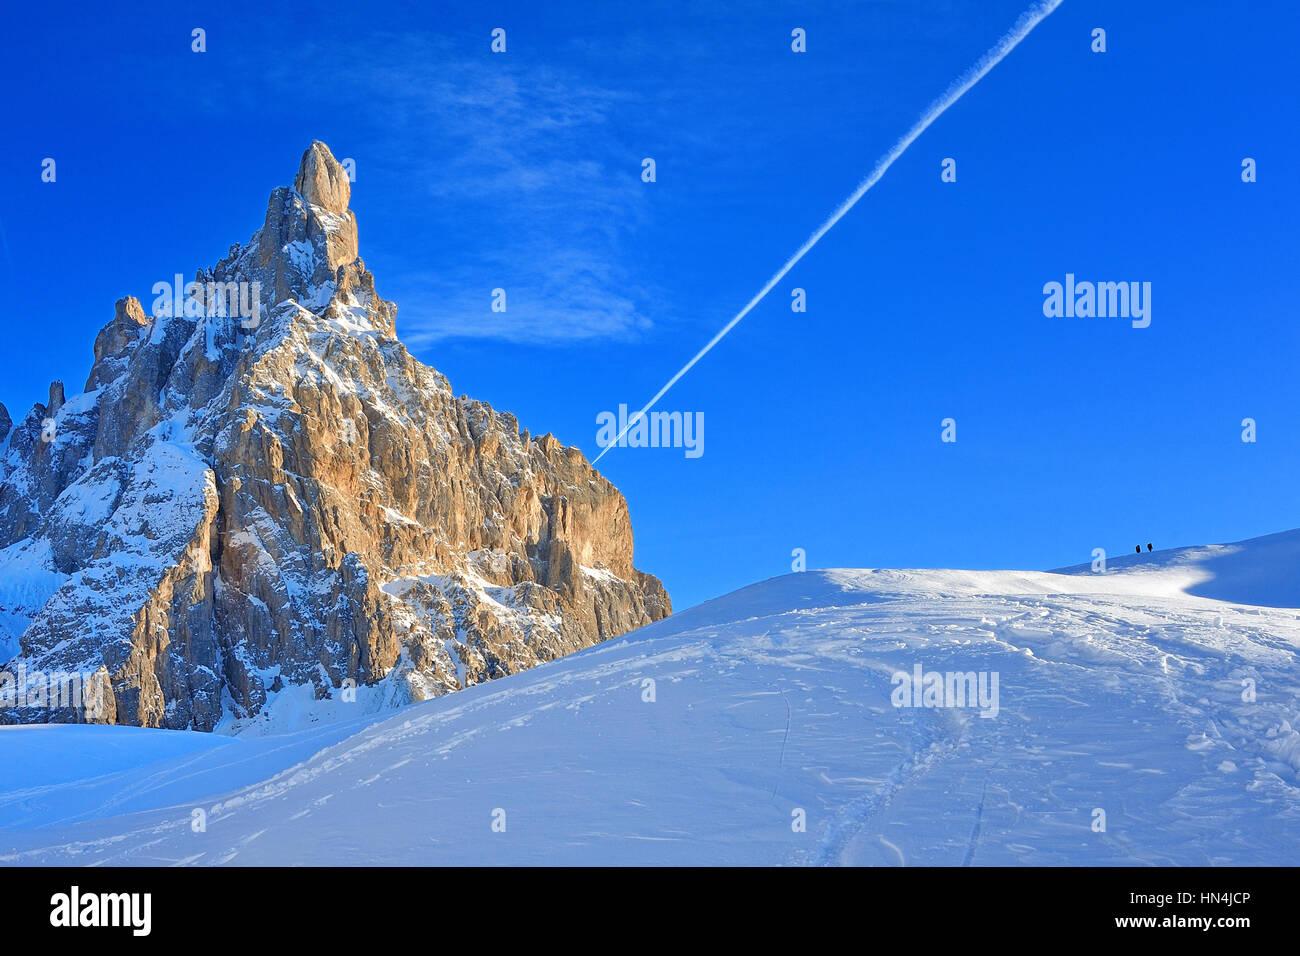 Dolomiti, Italian Alps, Passo Rolle, Pale di San Martino, Alto Adige - Stock Image